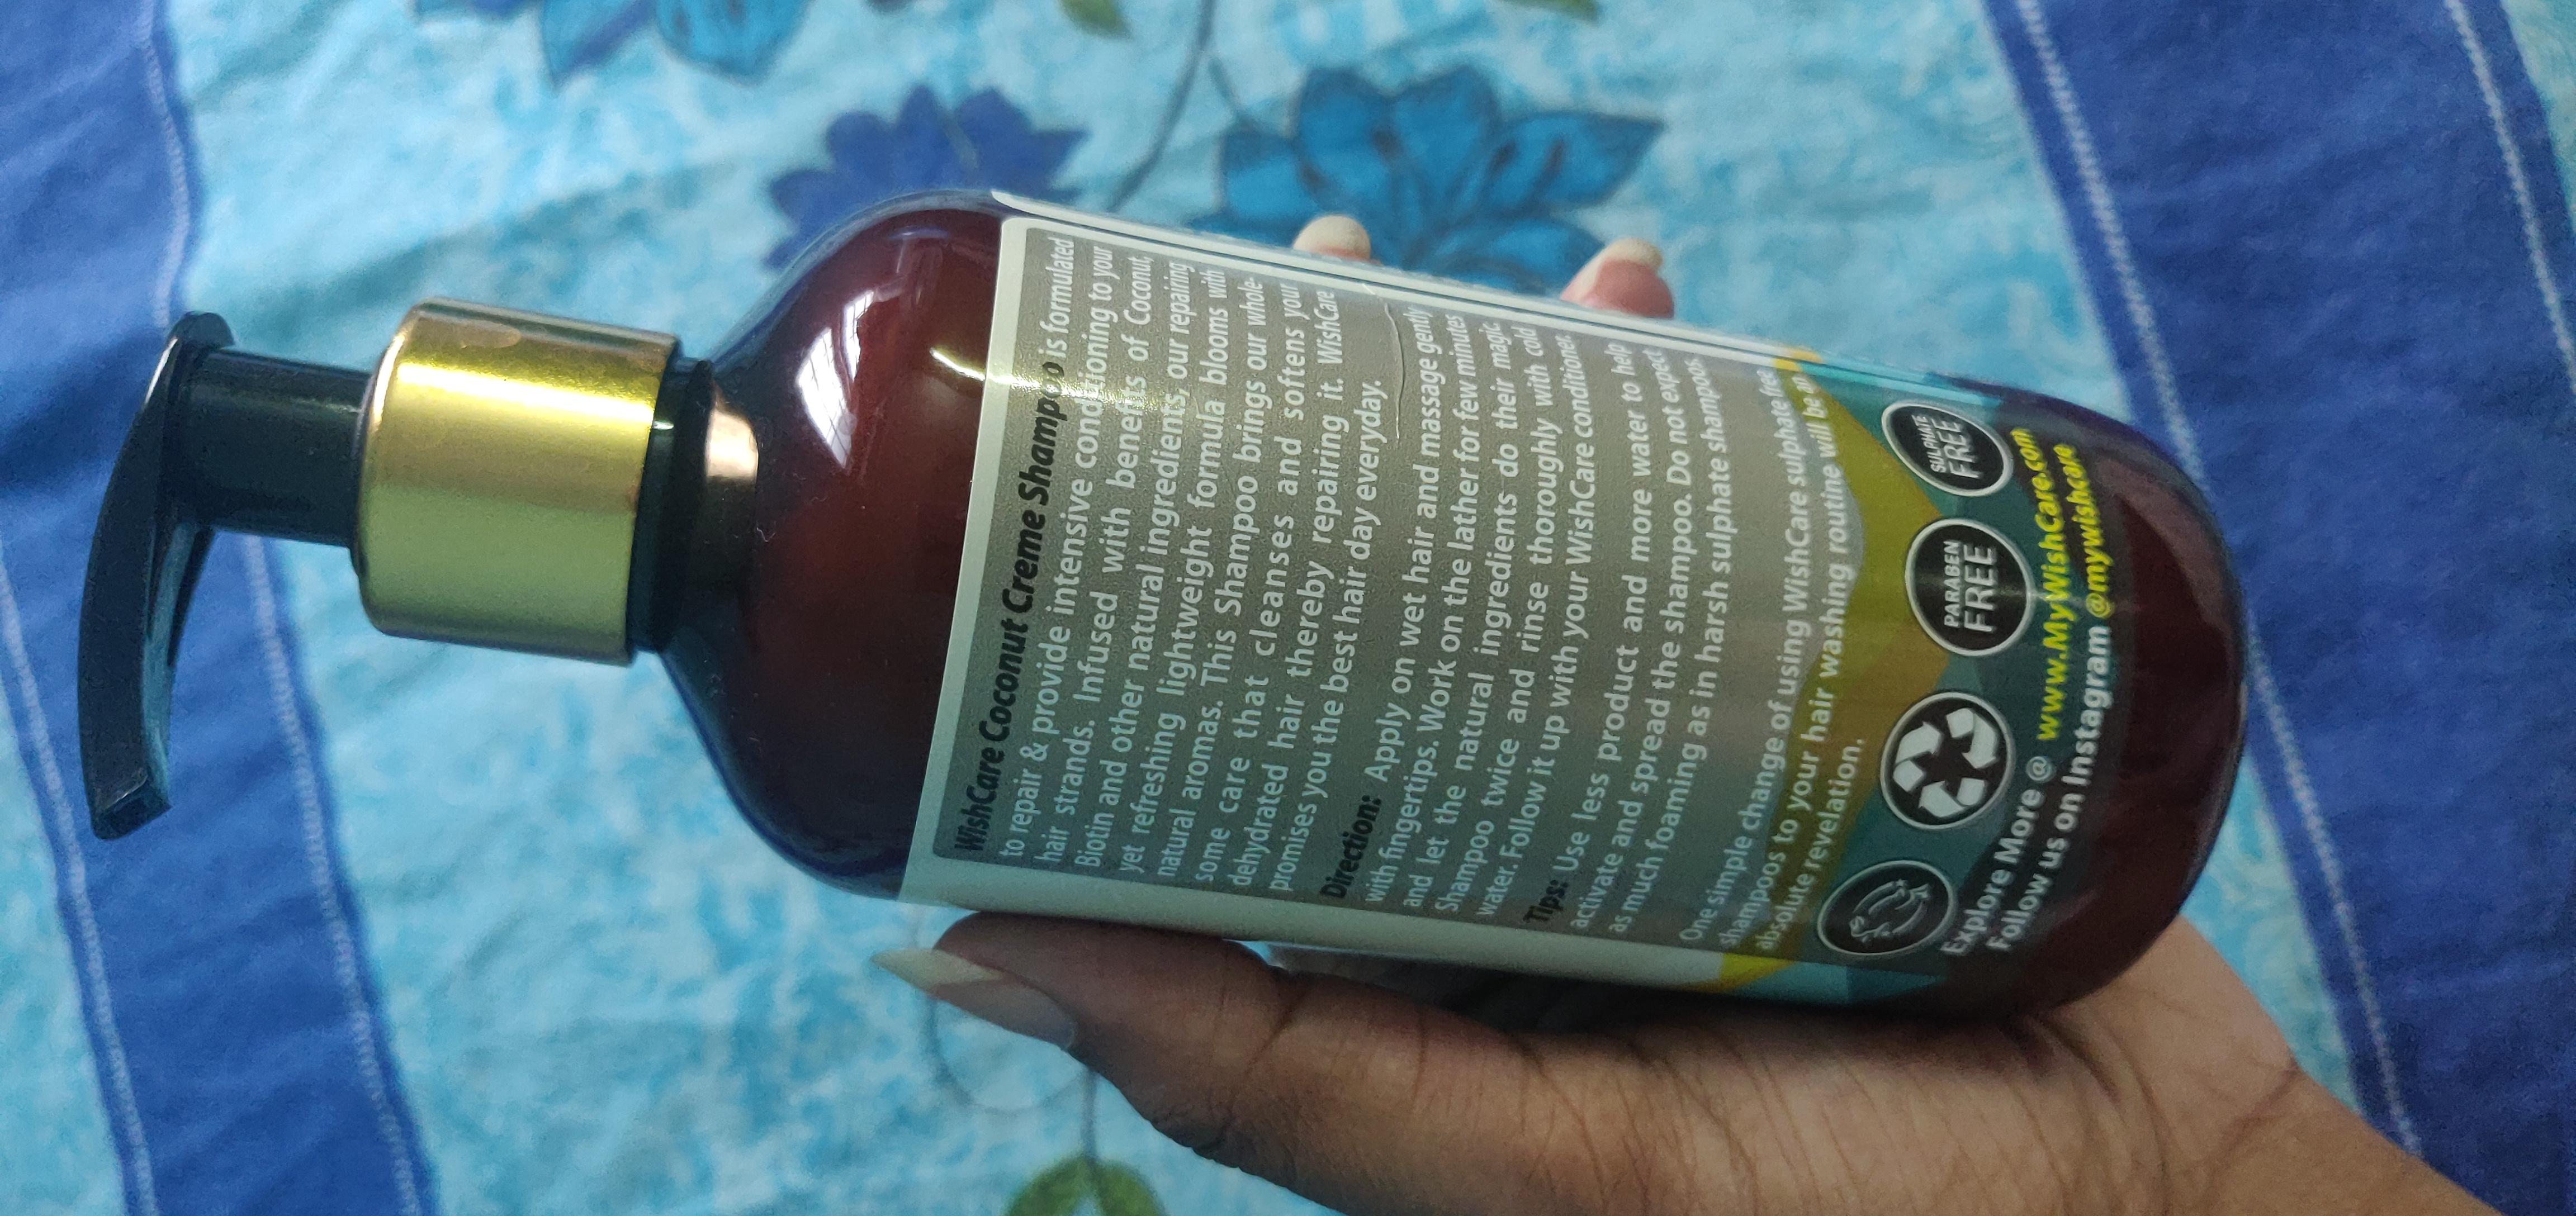 WishCare Coconut Creme Shampoo With Biotin-Mild and chemical free coconut & biotin shampoo-By reeni_padmaja-2